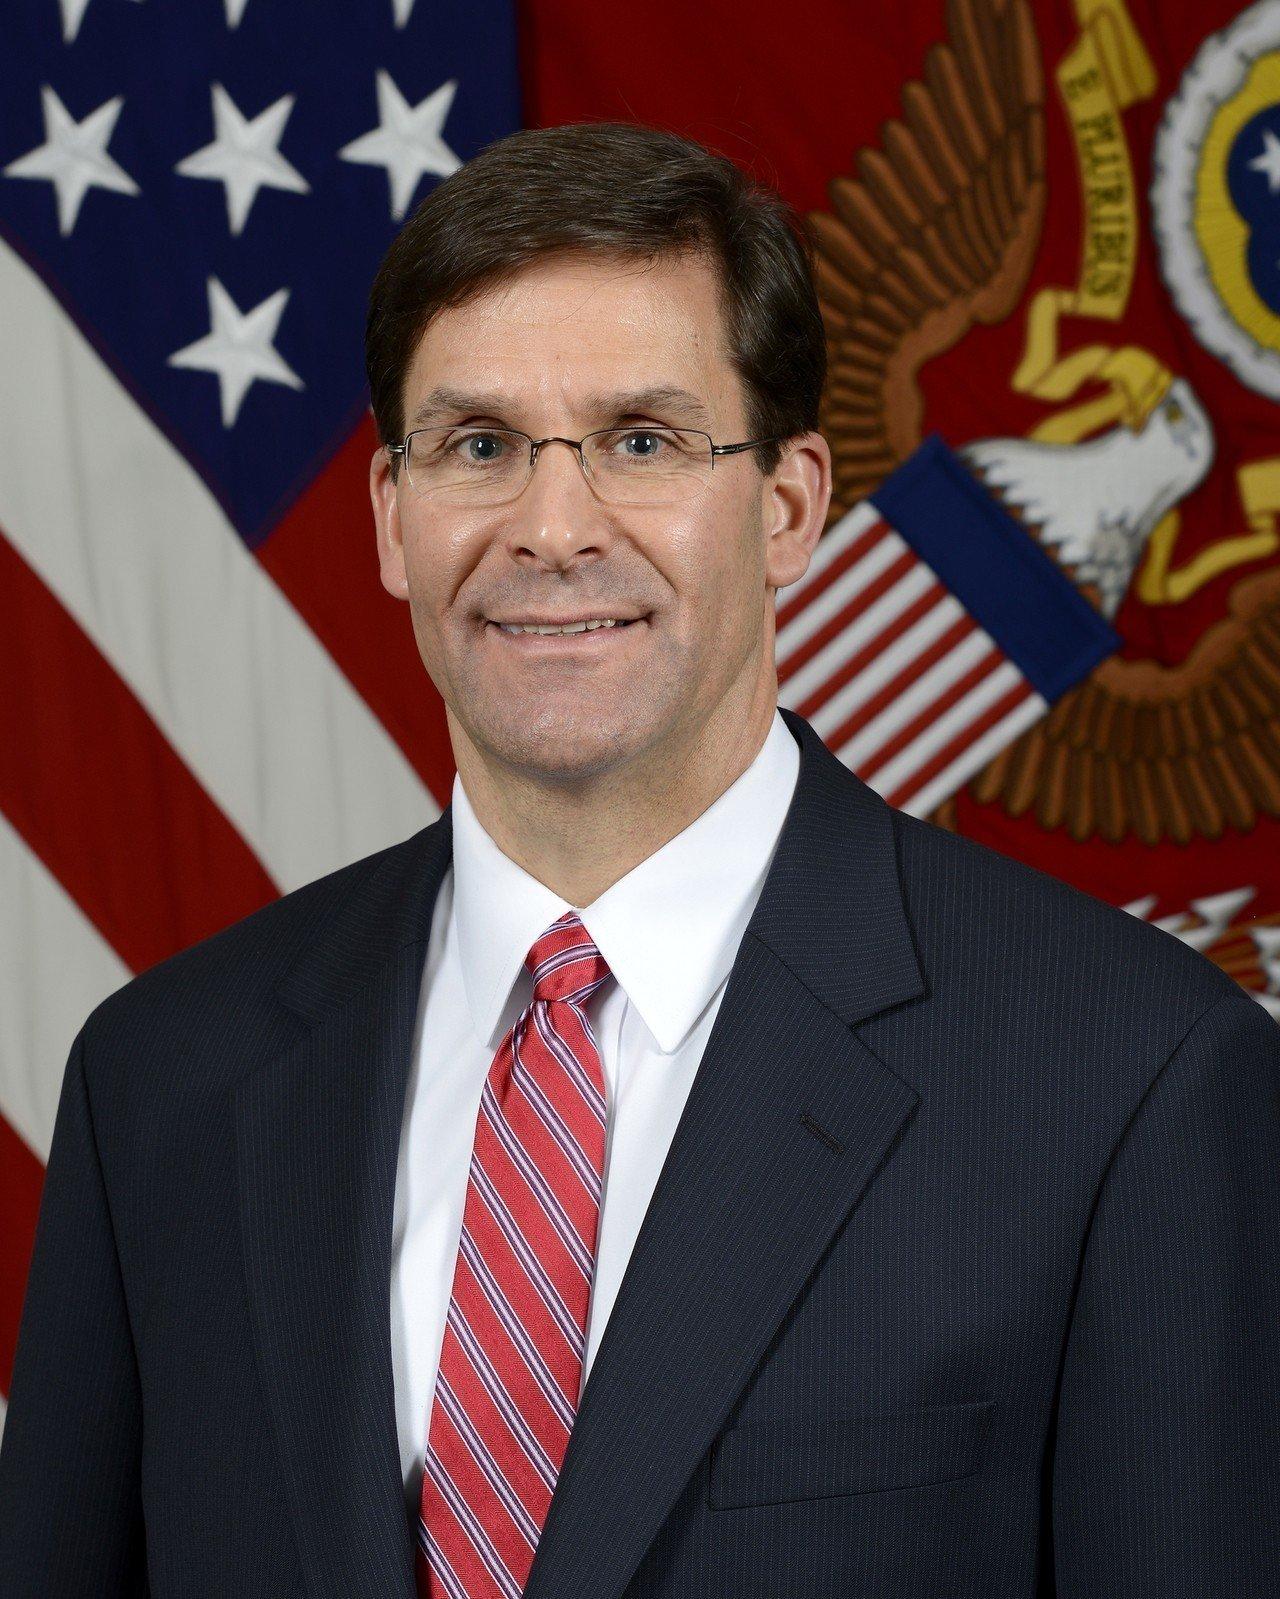 白宮宣布 川普擬提名艾思博任國防部長